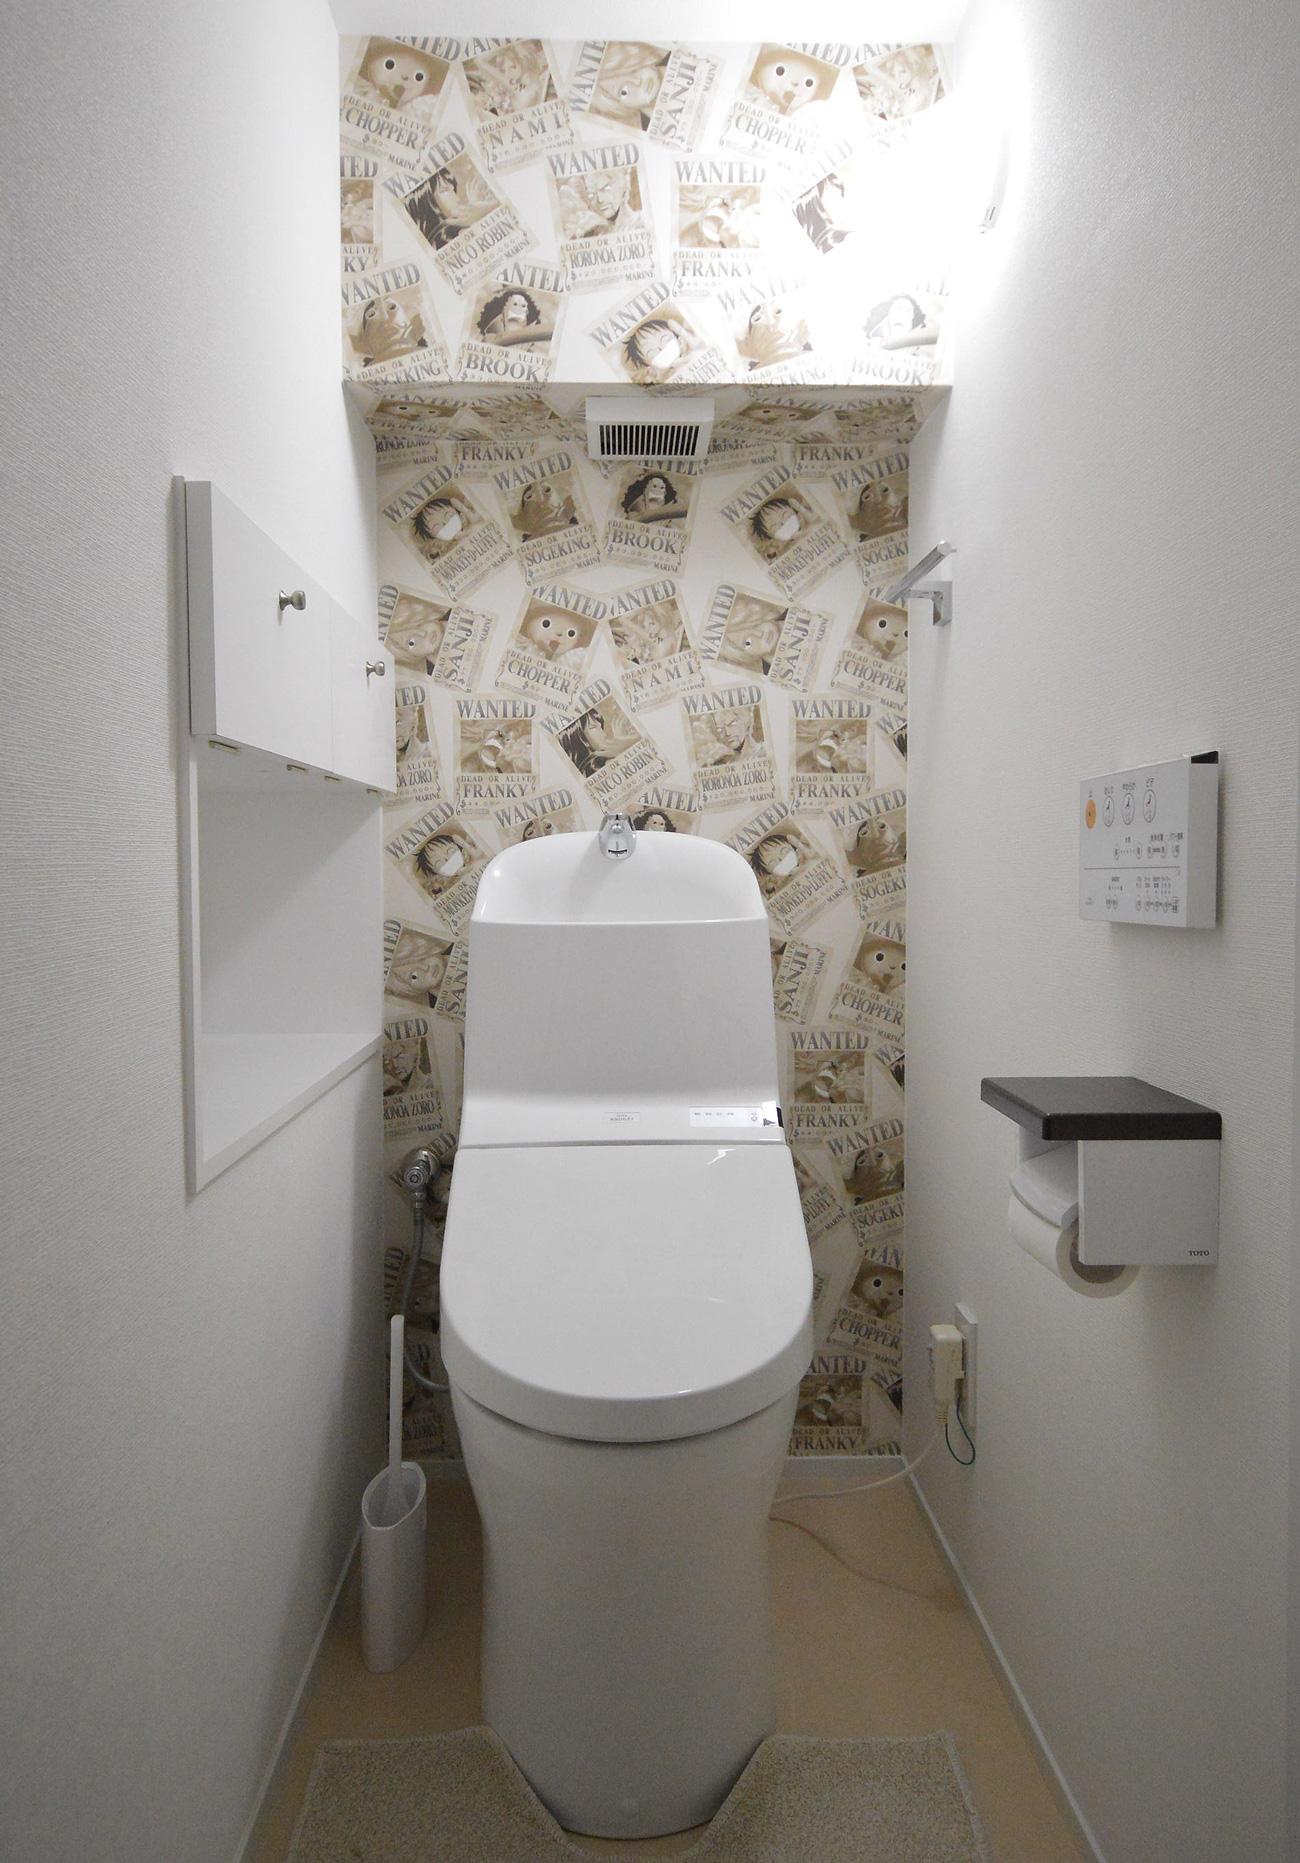 After:階段下のスペースを利用して、トイレ用品の収納と 小物も置けるカウンタースペースを設けました。